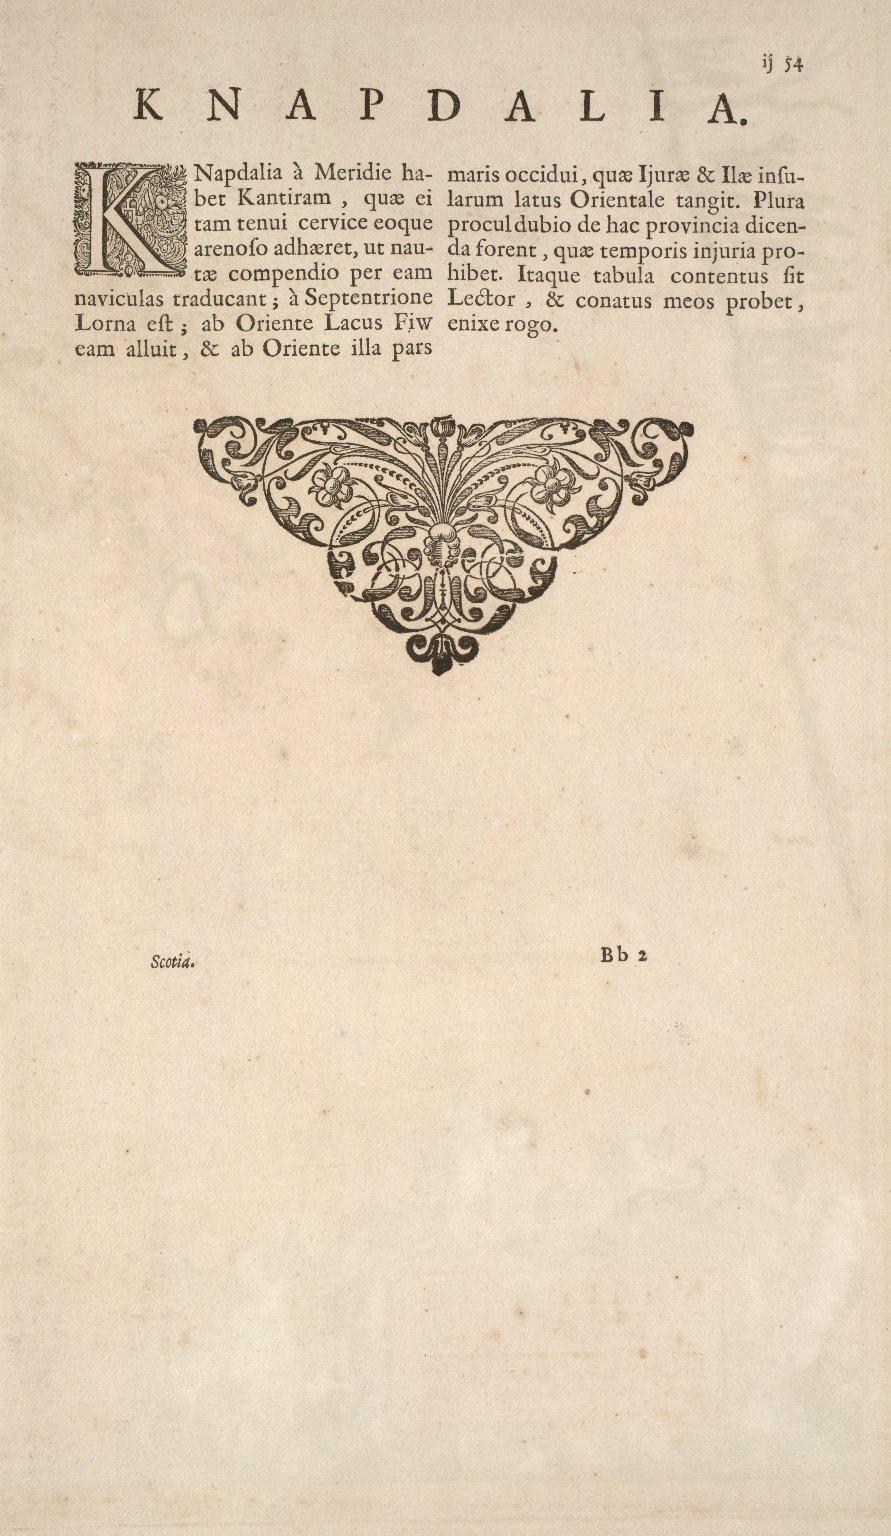 KNAPDALIA PROVINCIA, que sub Argathelia censetur. [1 of 2]